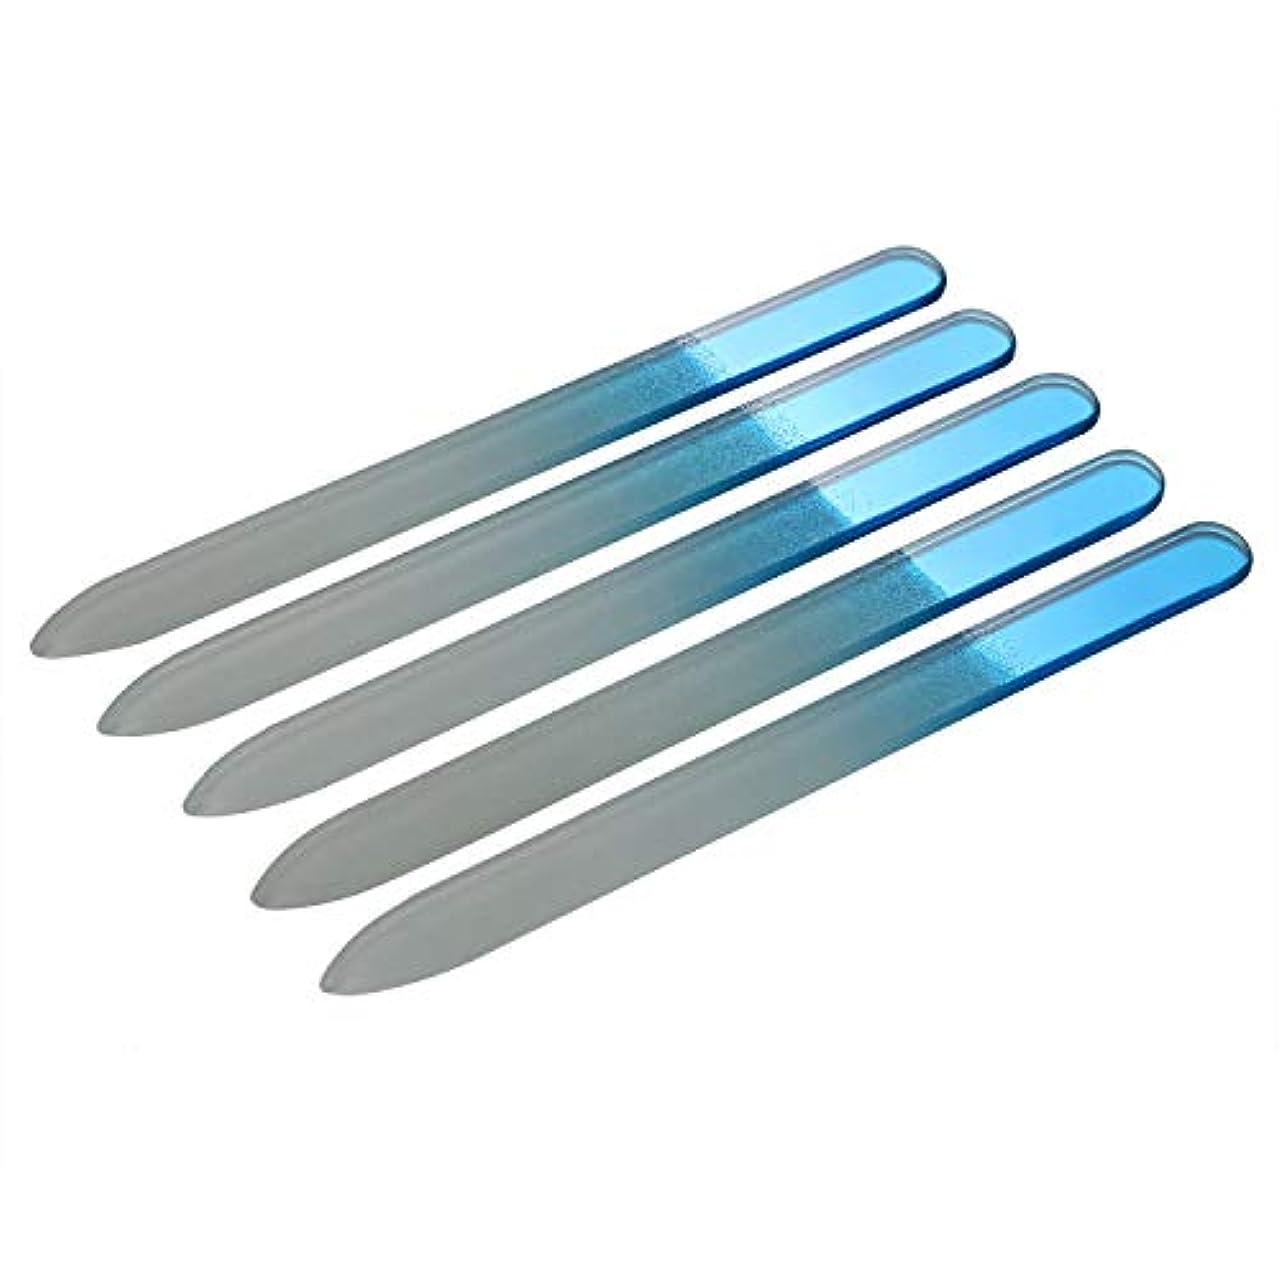 実質的ムスタチオ偶然のJewelryWe 爪やすり 爪磨き ネイルヤスリ ガラス製 両面タイプ 5本セット ブルー